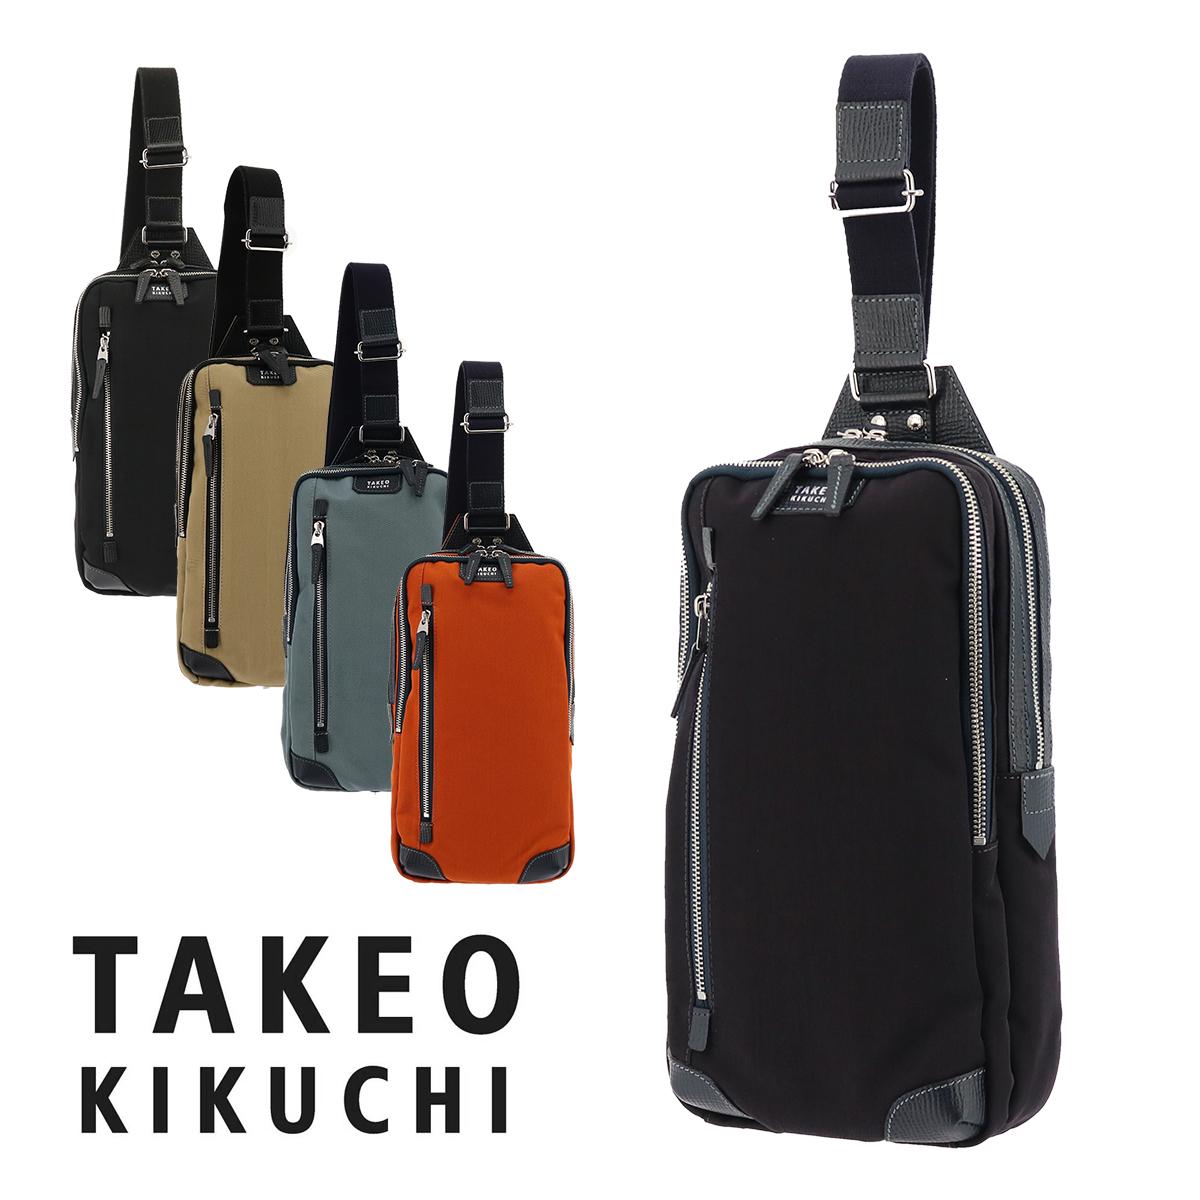 タケオキクチ ボディバッグ メンズ 日本製 オリオン 741913 TAKEO KIKUCHI ワンショルダー 撥水 キクチタケオ [PO5][bef]